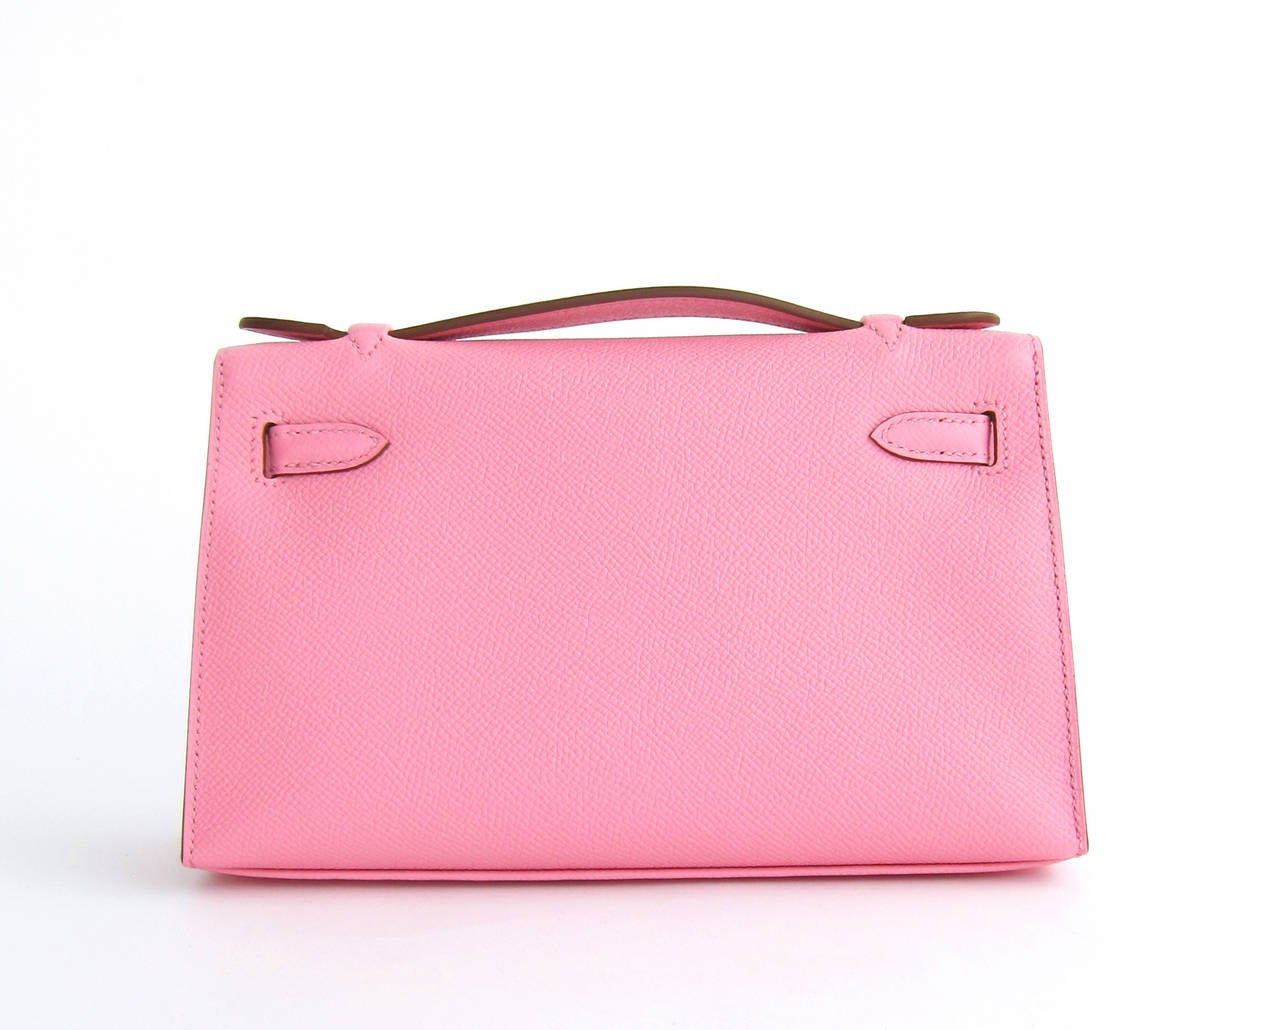 hermes rose confetti epsom kelly pochette pink clutch bag love for sale at 1stdibs. Black Bedroom Furniture Sets. Home Design Ideas